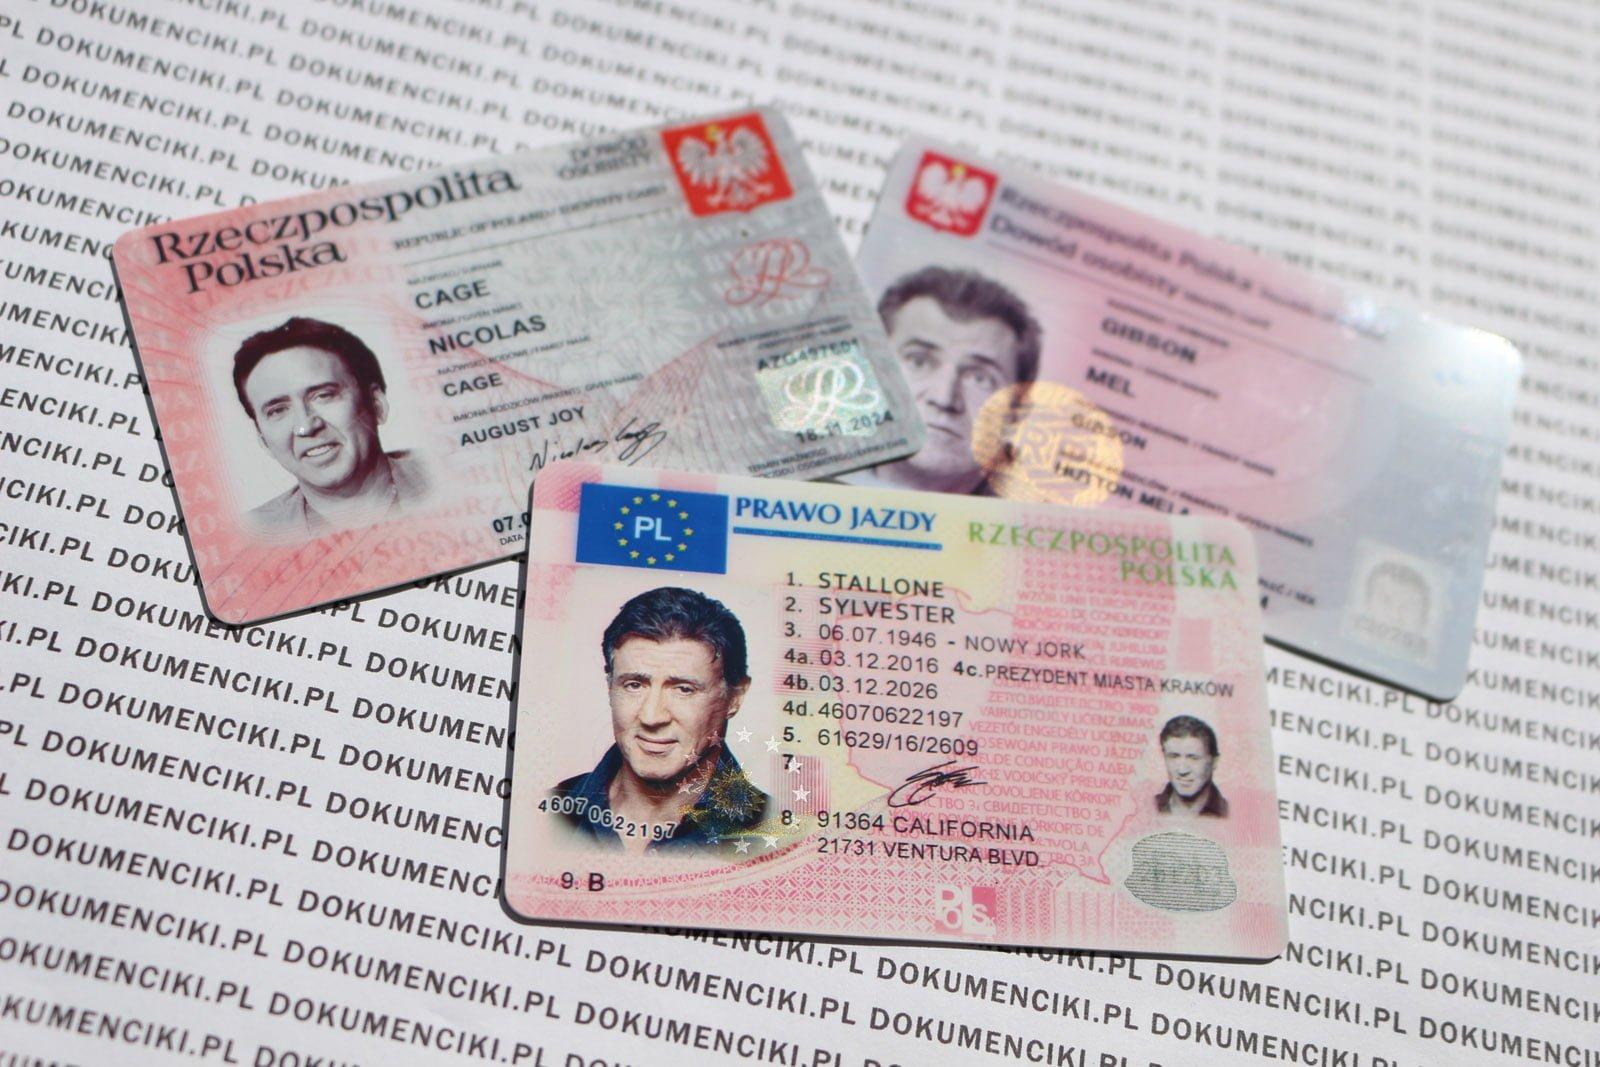 Tabletowo.pl Setki osób świadomie udostępniło w sieci skany swoich dokumentów osobistych. Teraz mogą mieć kłopoty Bezpieczeństwo